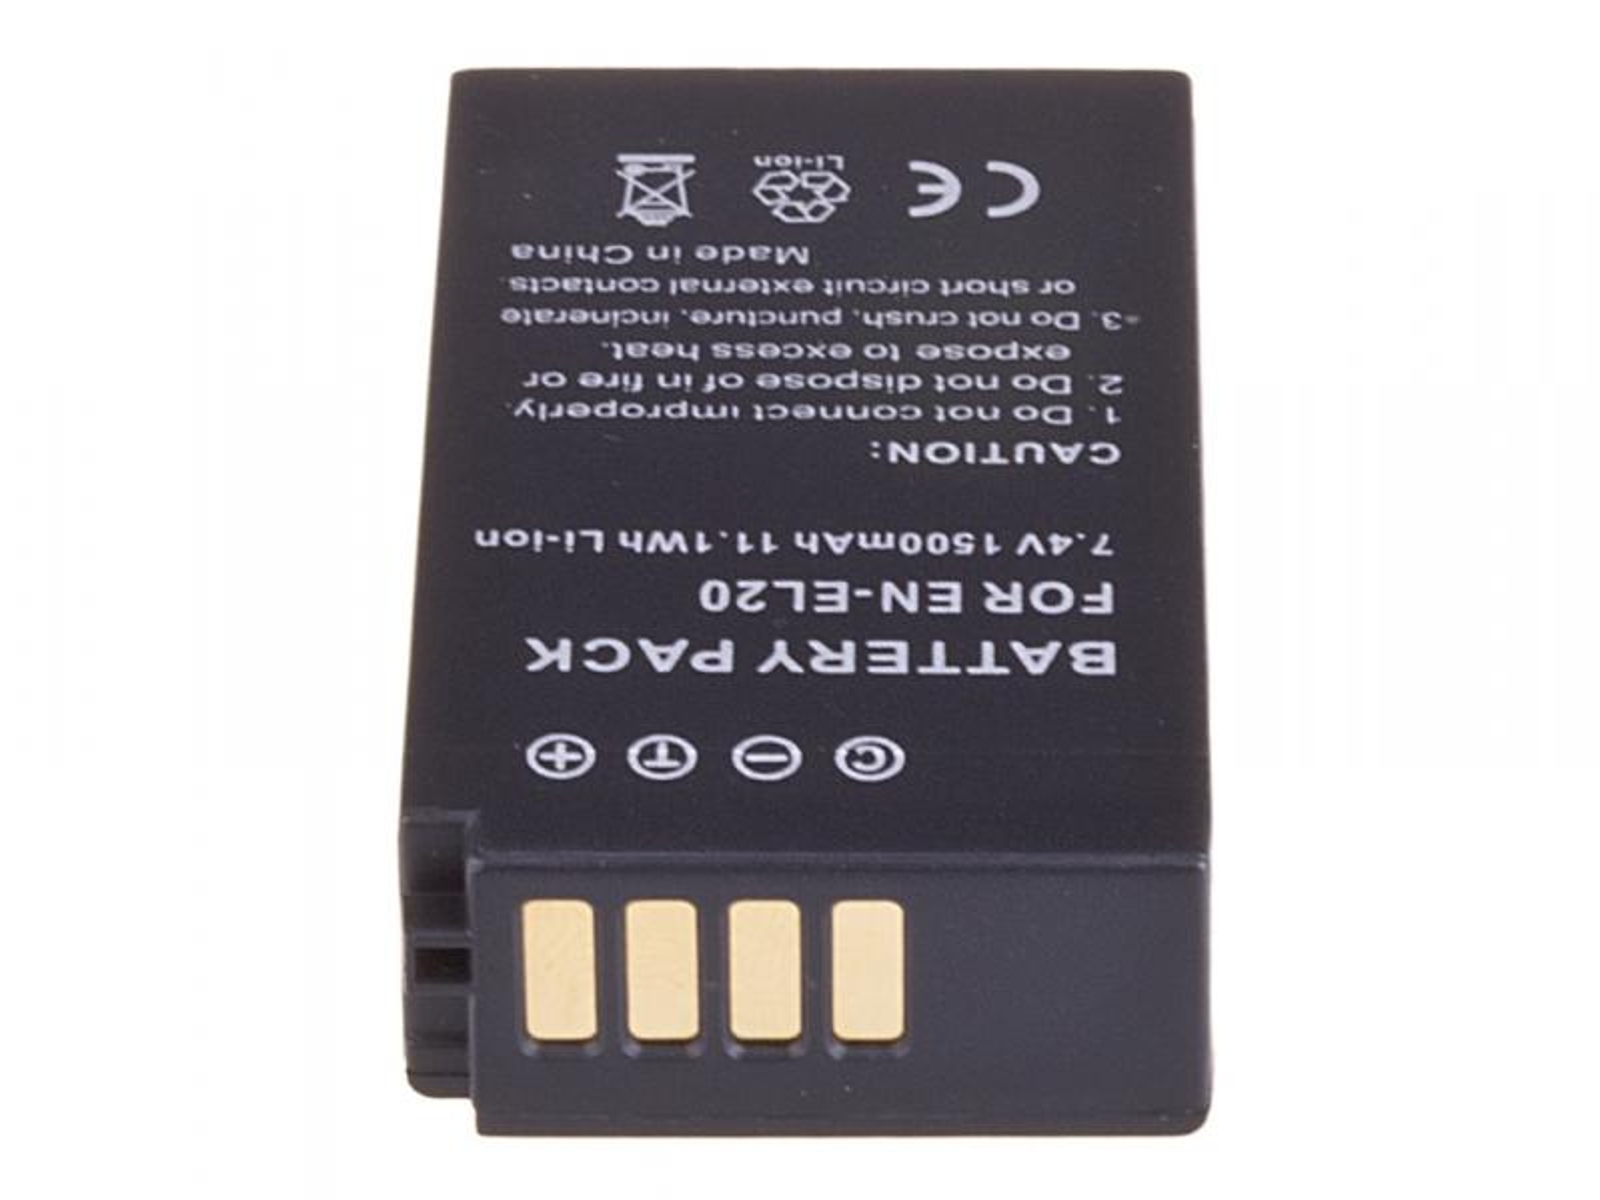 AVACOM Nikon EN-EL20 Li-ion 7.4V 800mAh 11.1Wh